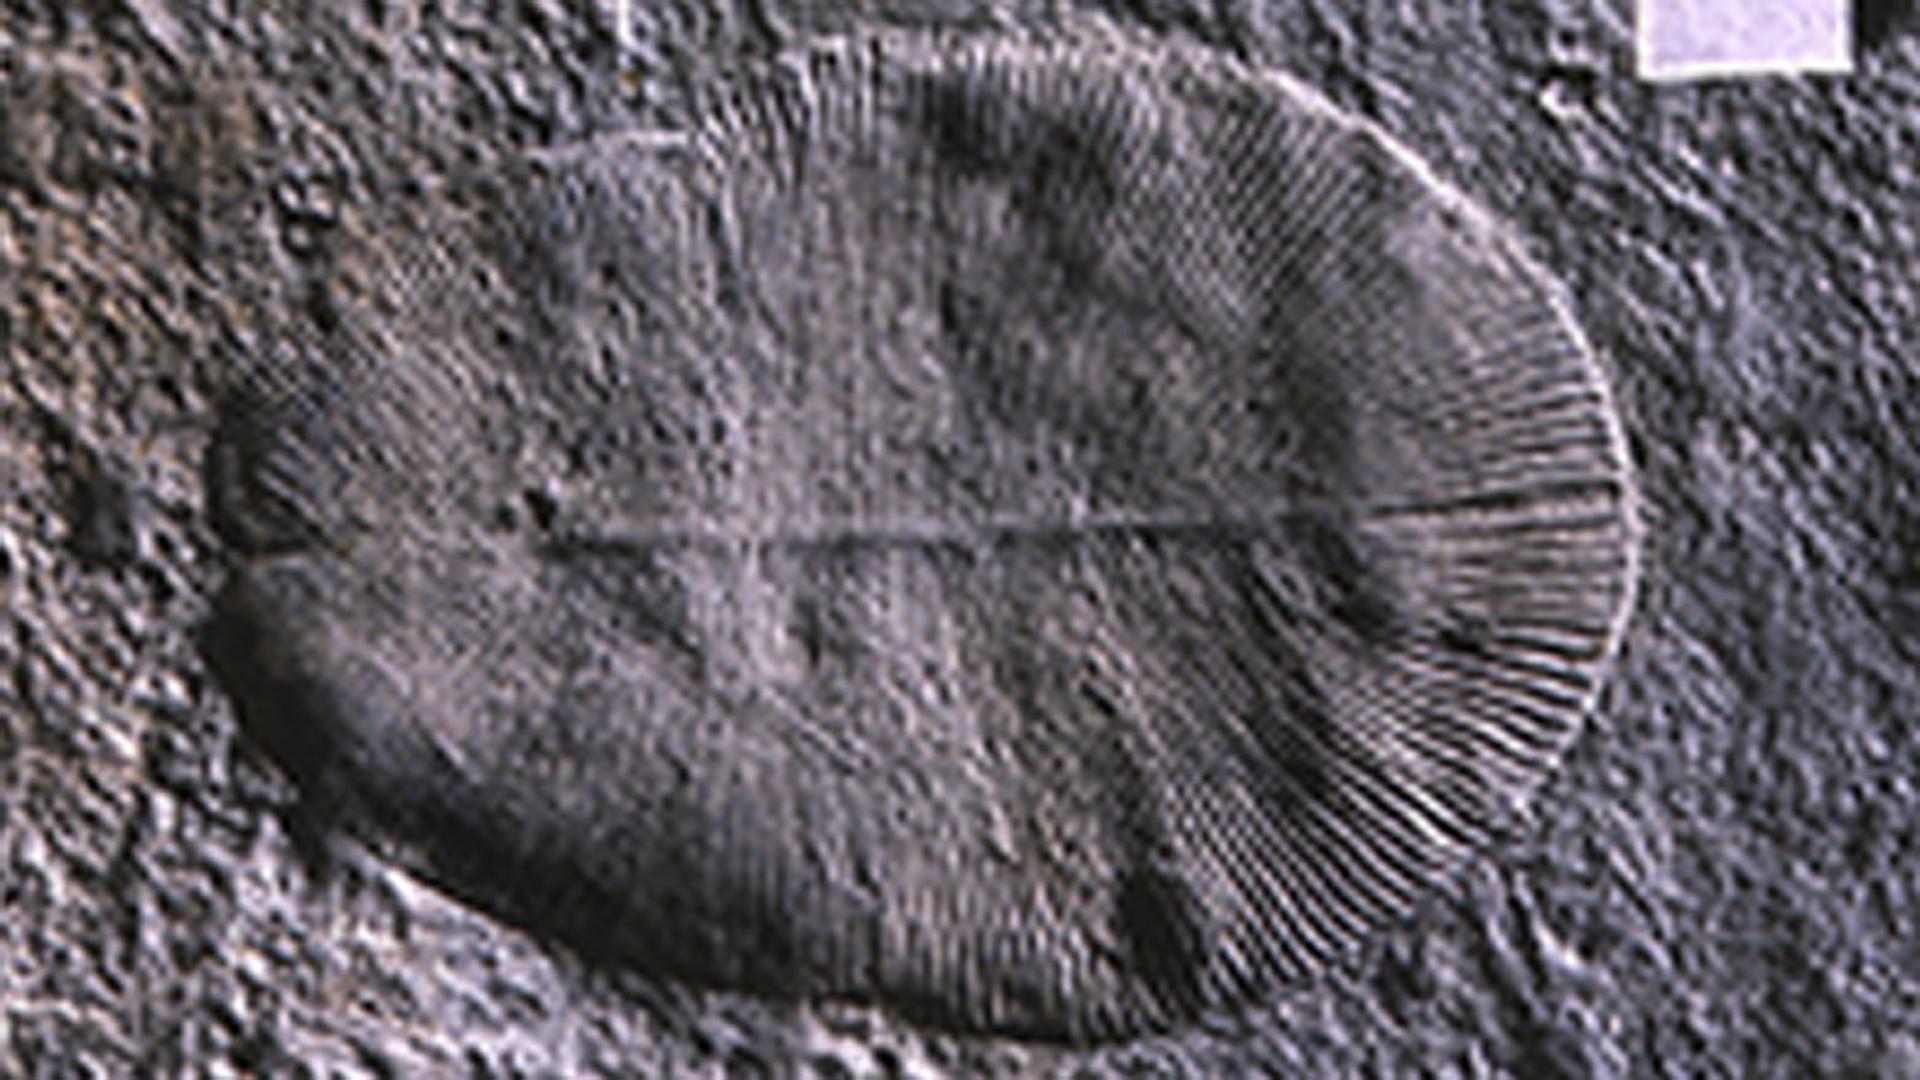 El animal más antiguo de la Tierra, llamado Dickinsonia, que vivió hace 500.000 millones de años